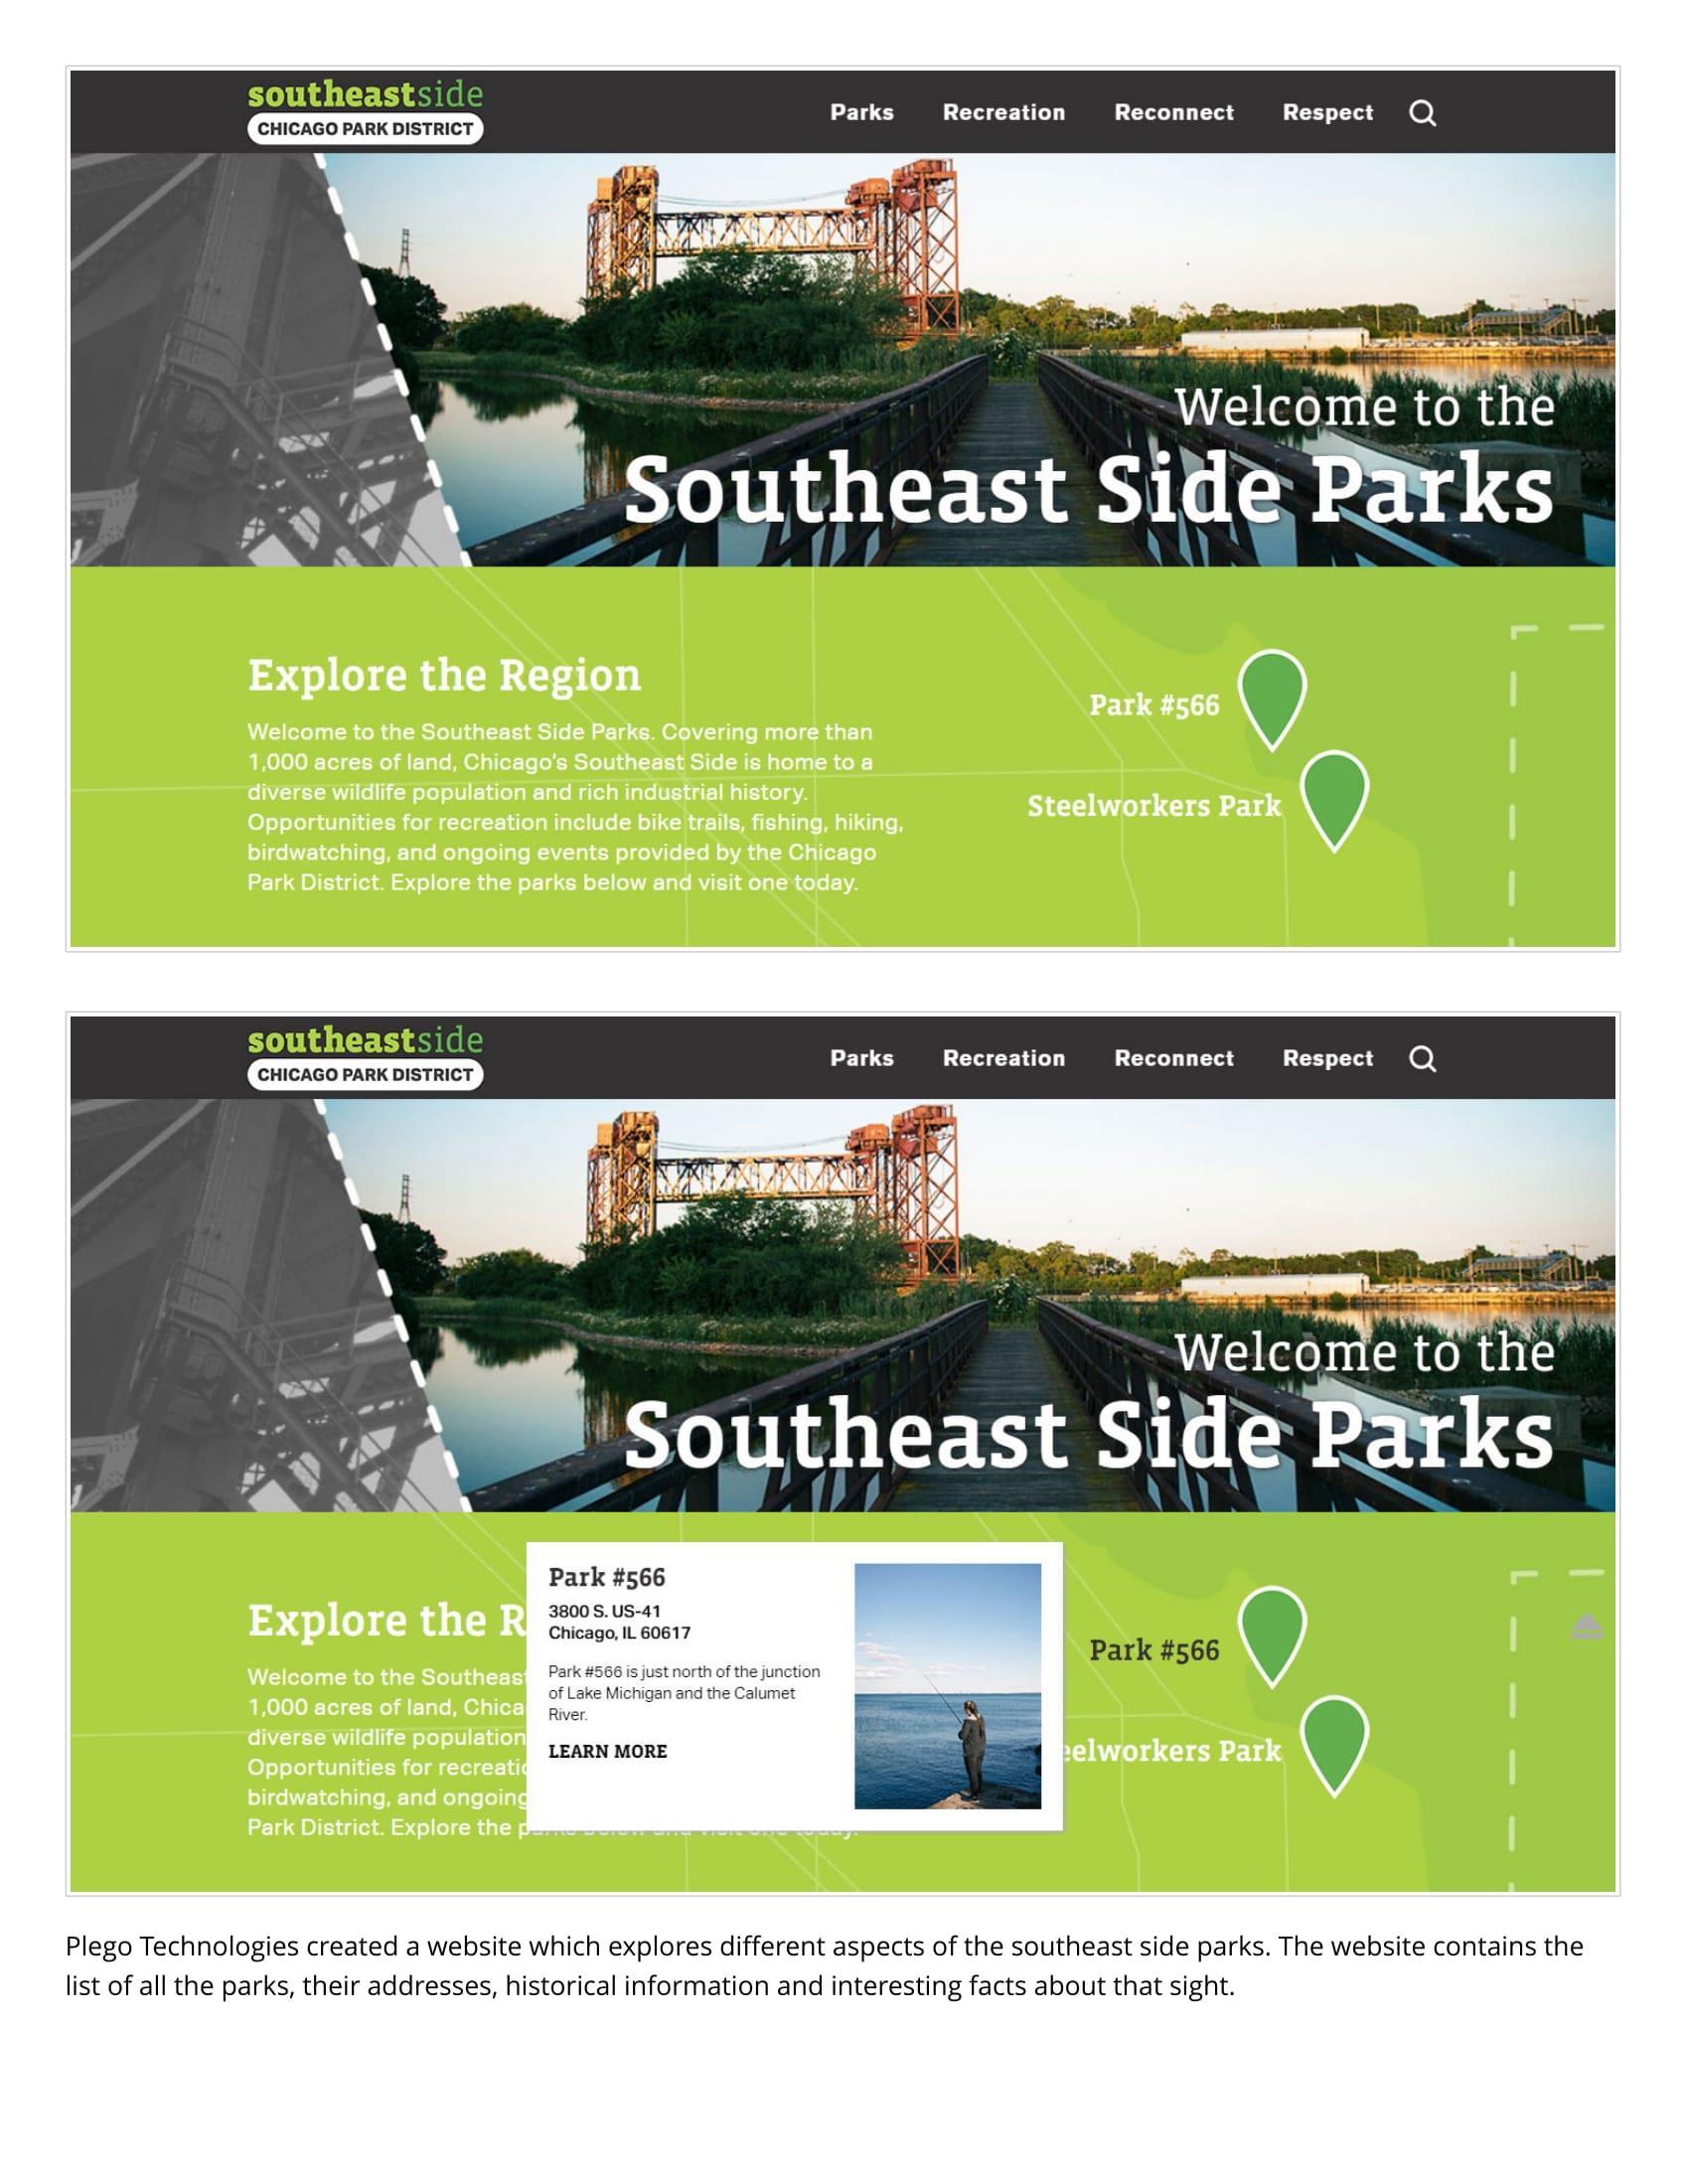 Chicago Park District Web Design/ Mobile App